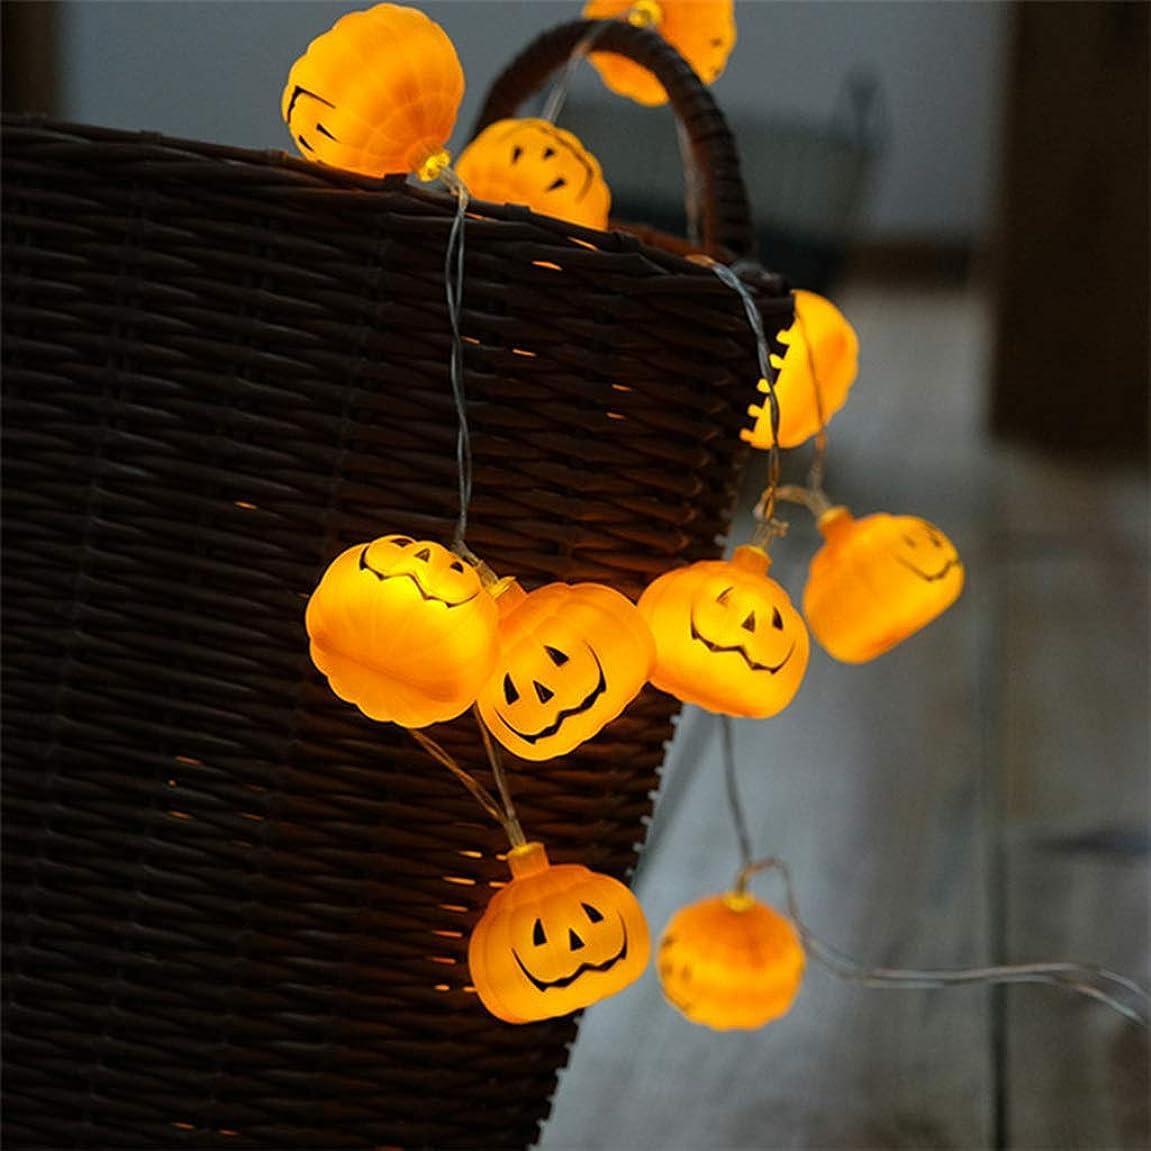 お手伝いさん嫌悪以上LAOHAO 3Mハロウィーン休日ハロウィーンのカボチャのライトは、装飾的なランタンライトクリスマスパーティーを率い庭園 ワンタイムデコレーション